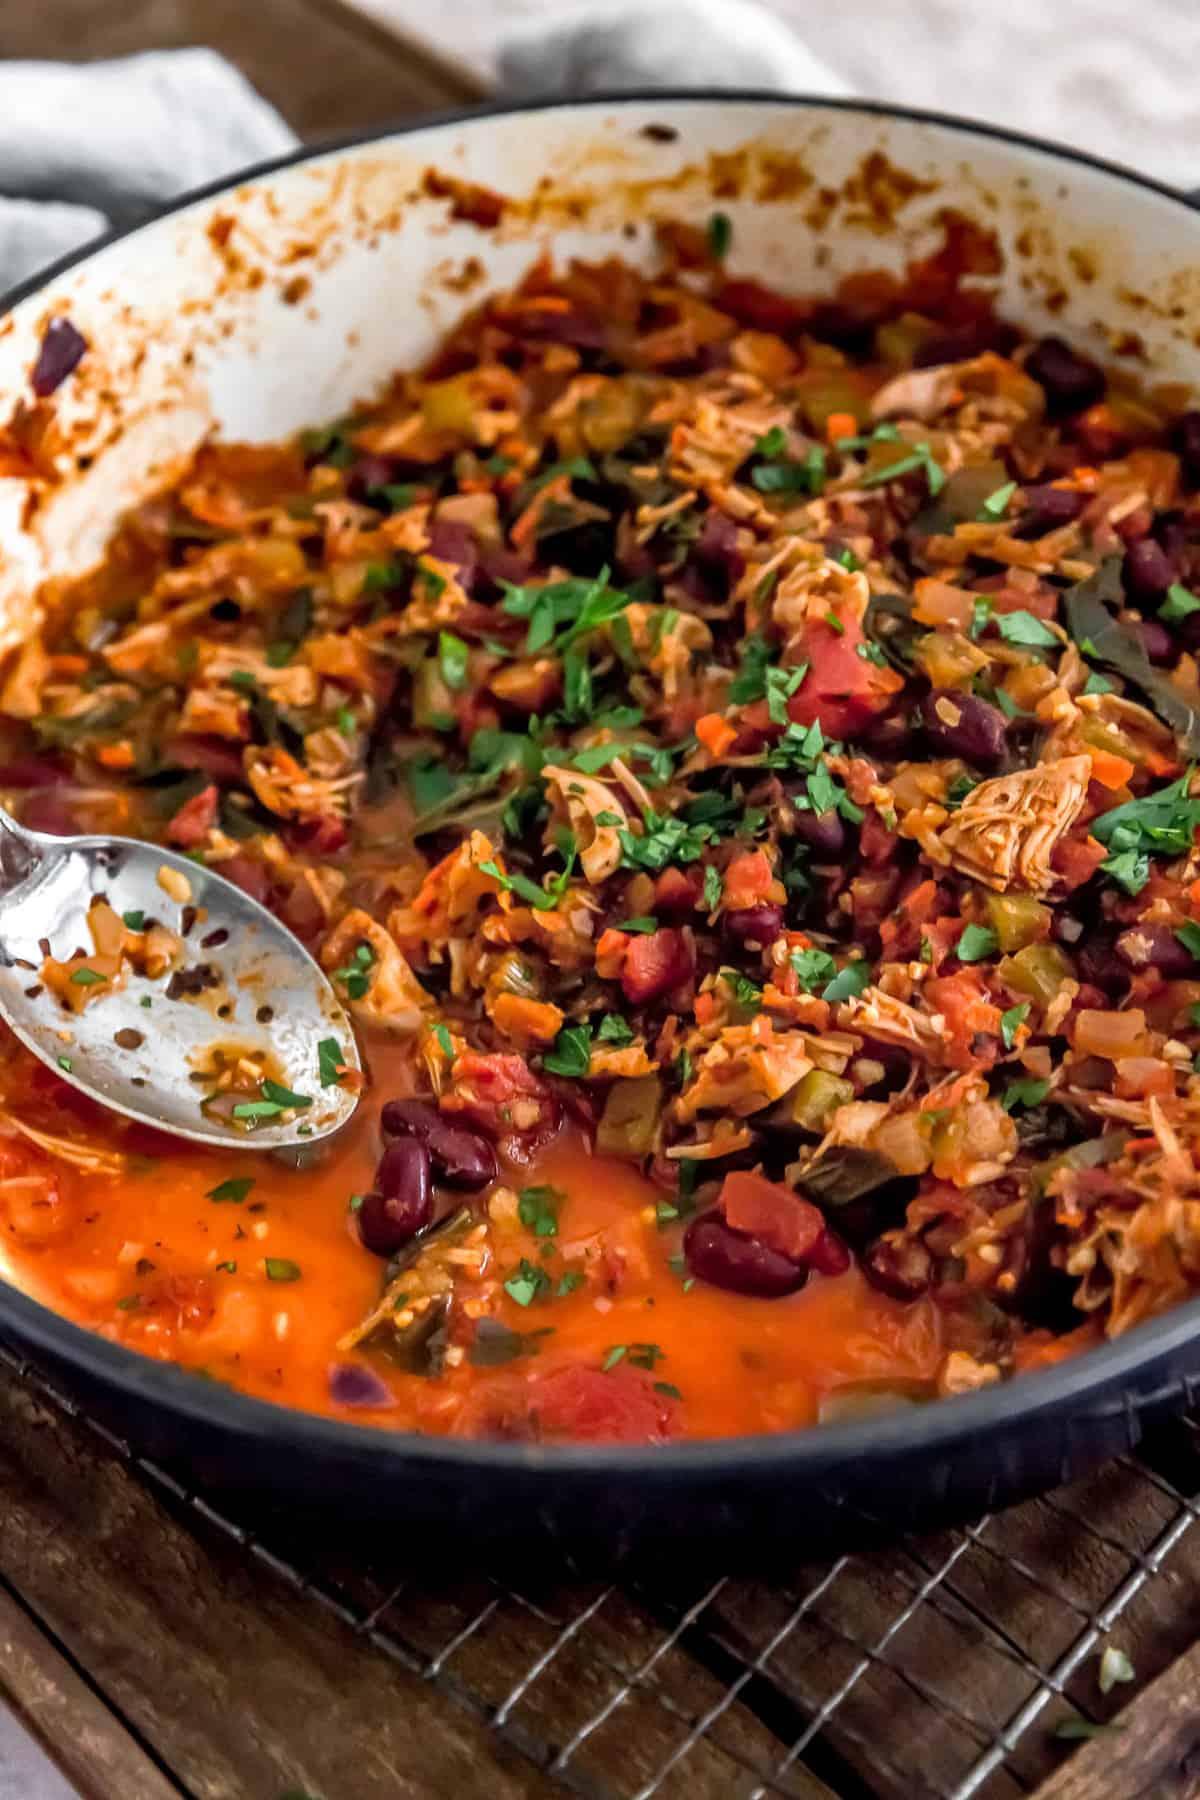 Dish of Cajun Jackfruit and Collard Greens